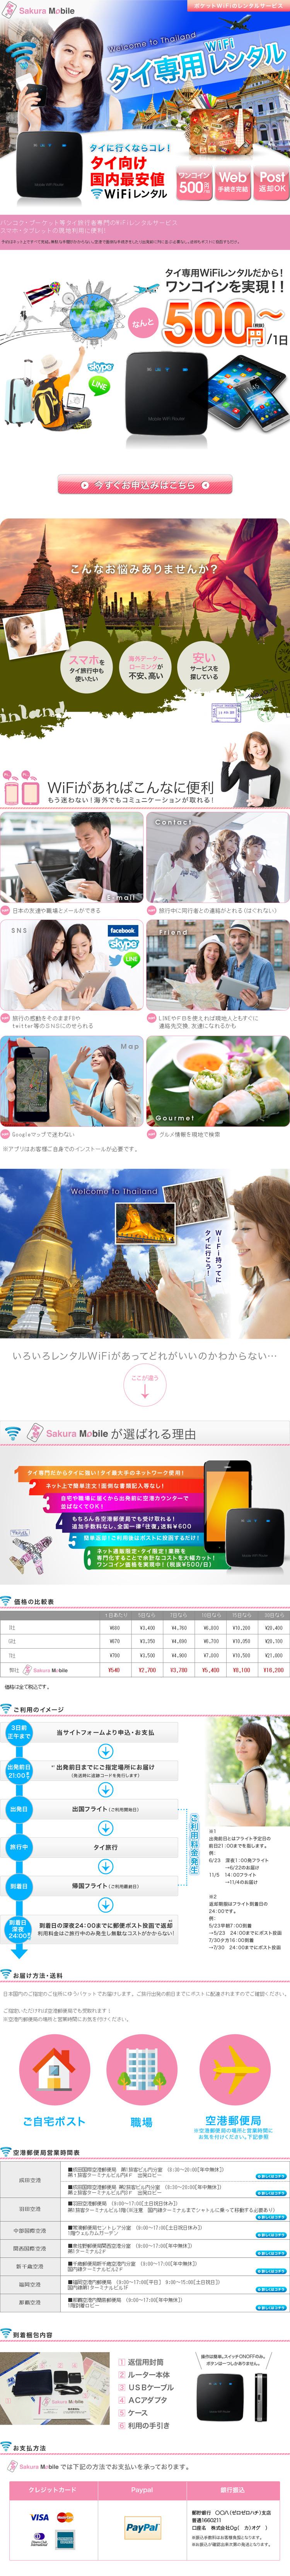 タイ専用wifiレンタルサービス